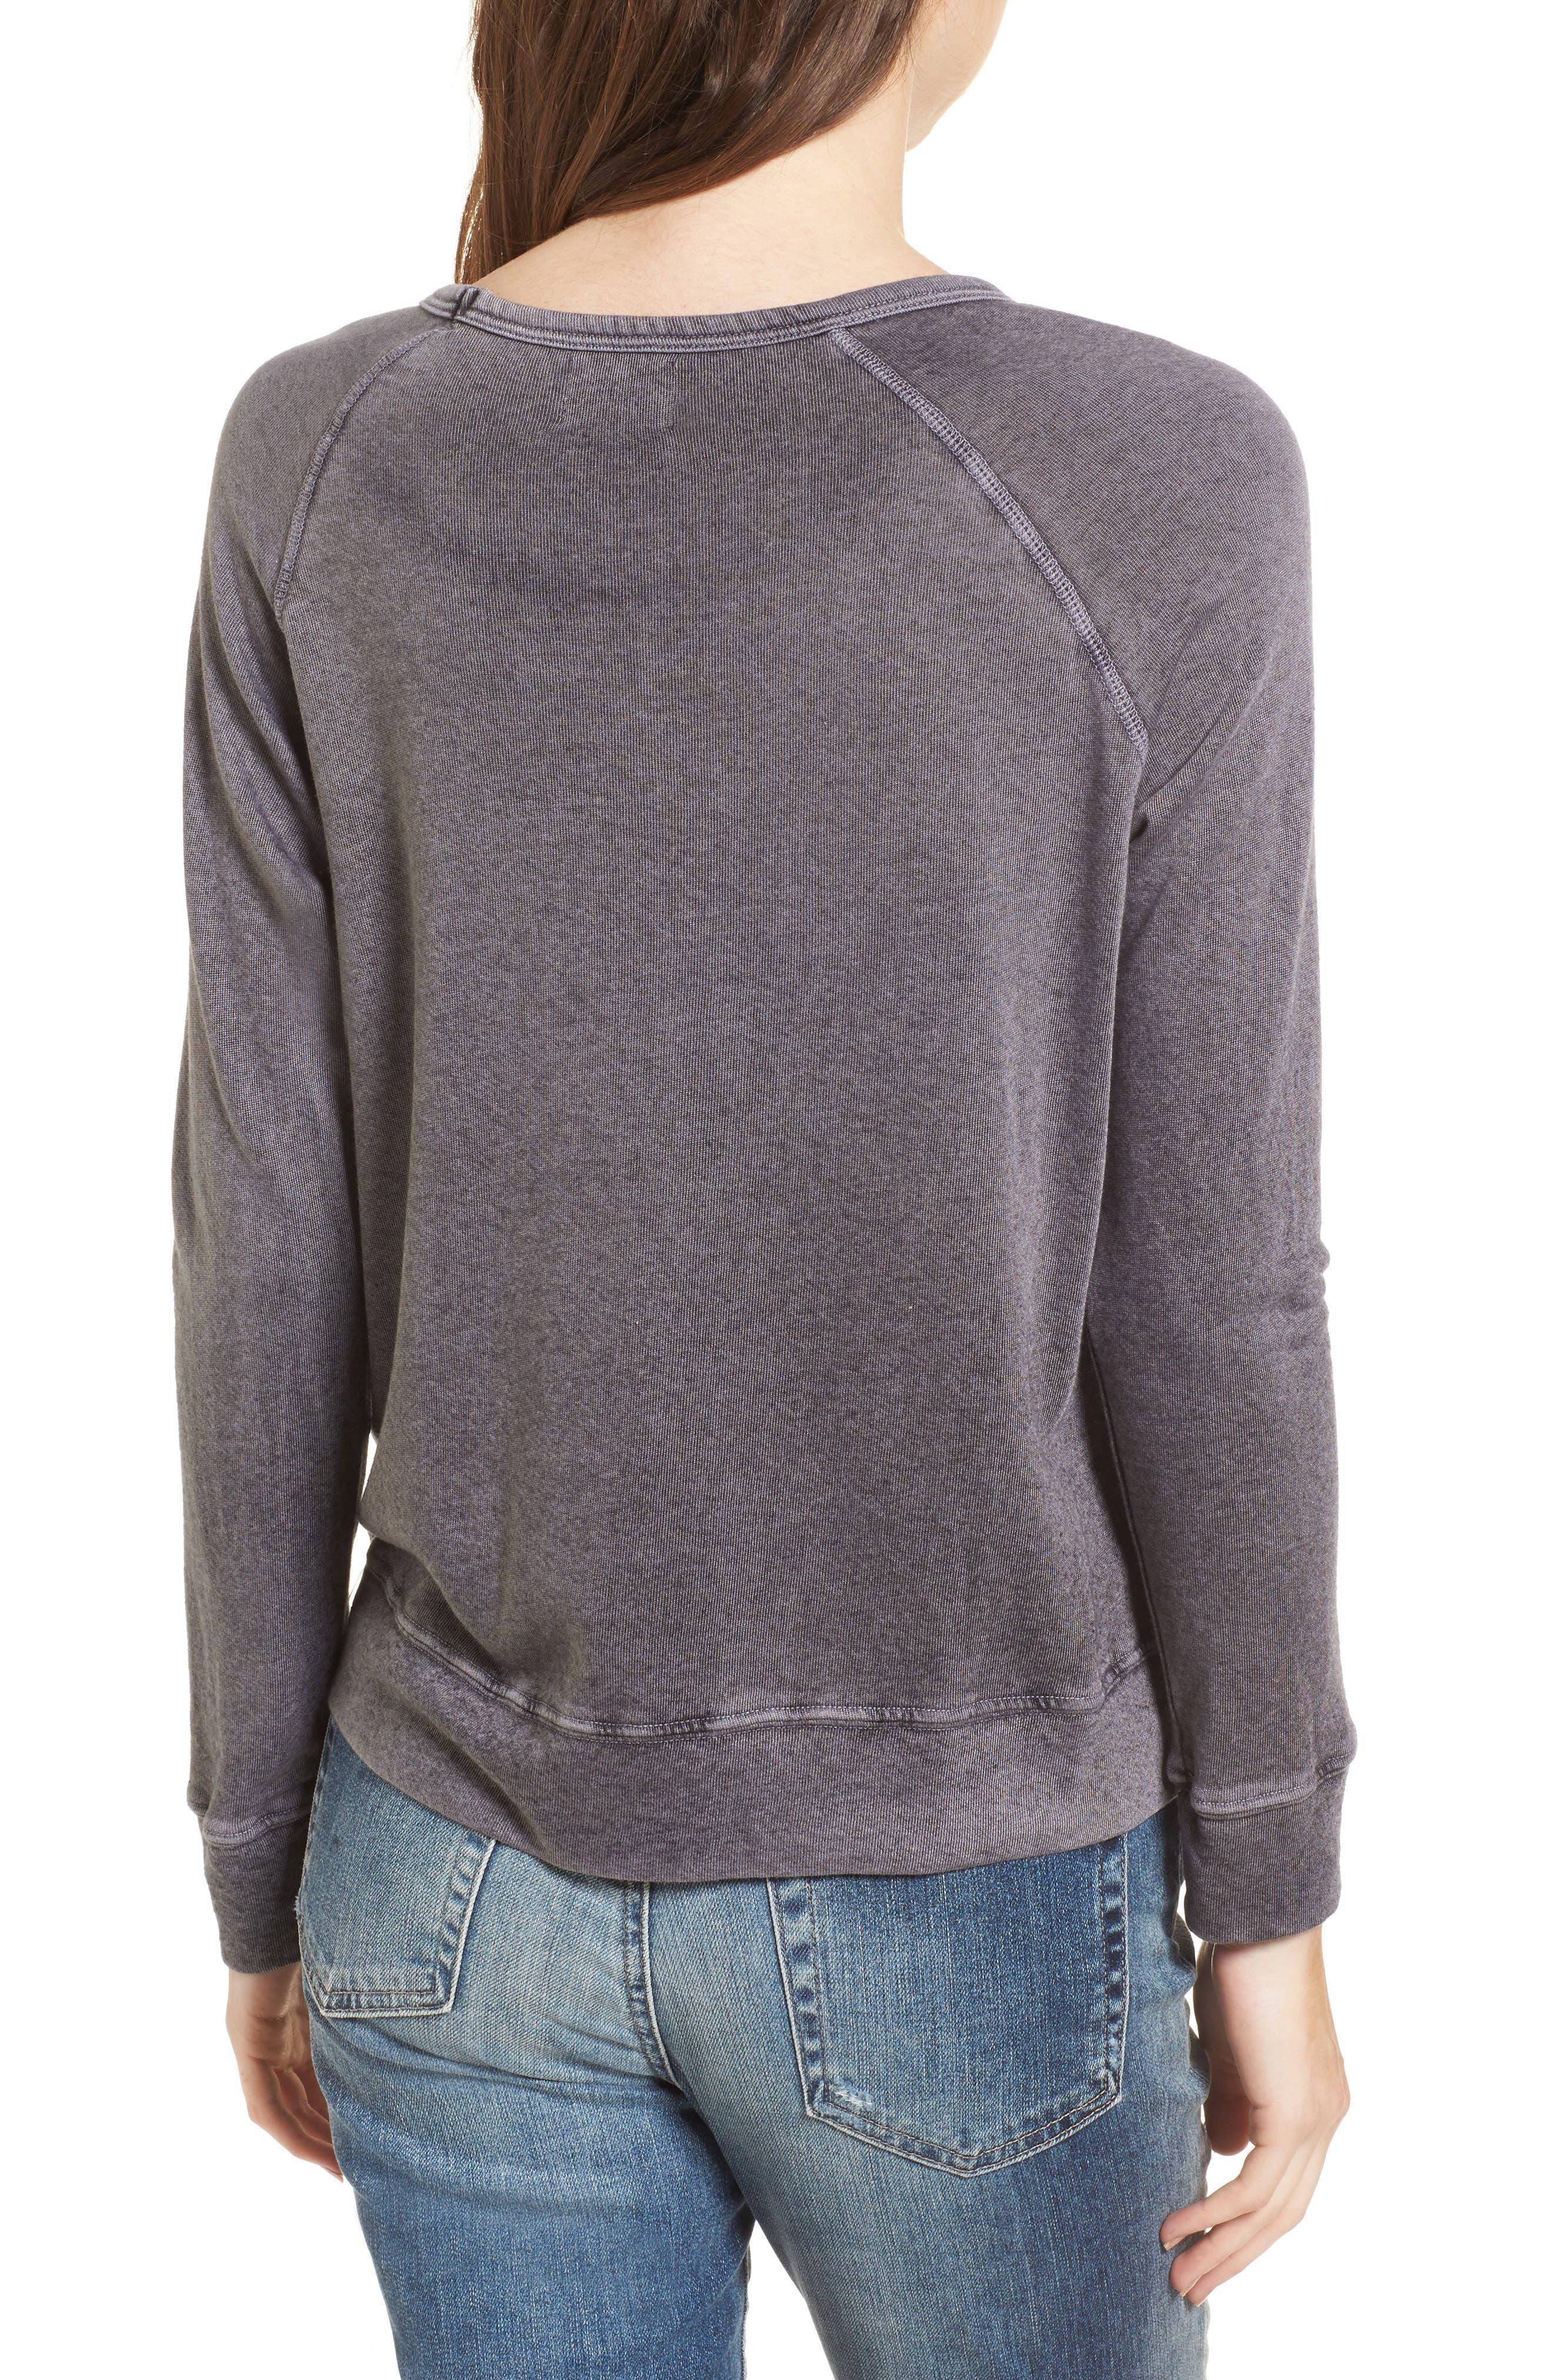 Cheers Sweatshirt,                             Alternate thumbnail 2, color,                             Vintage Black